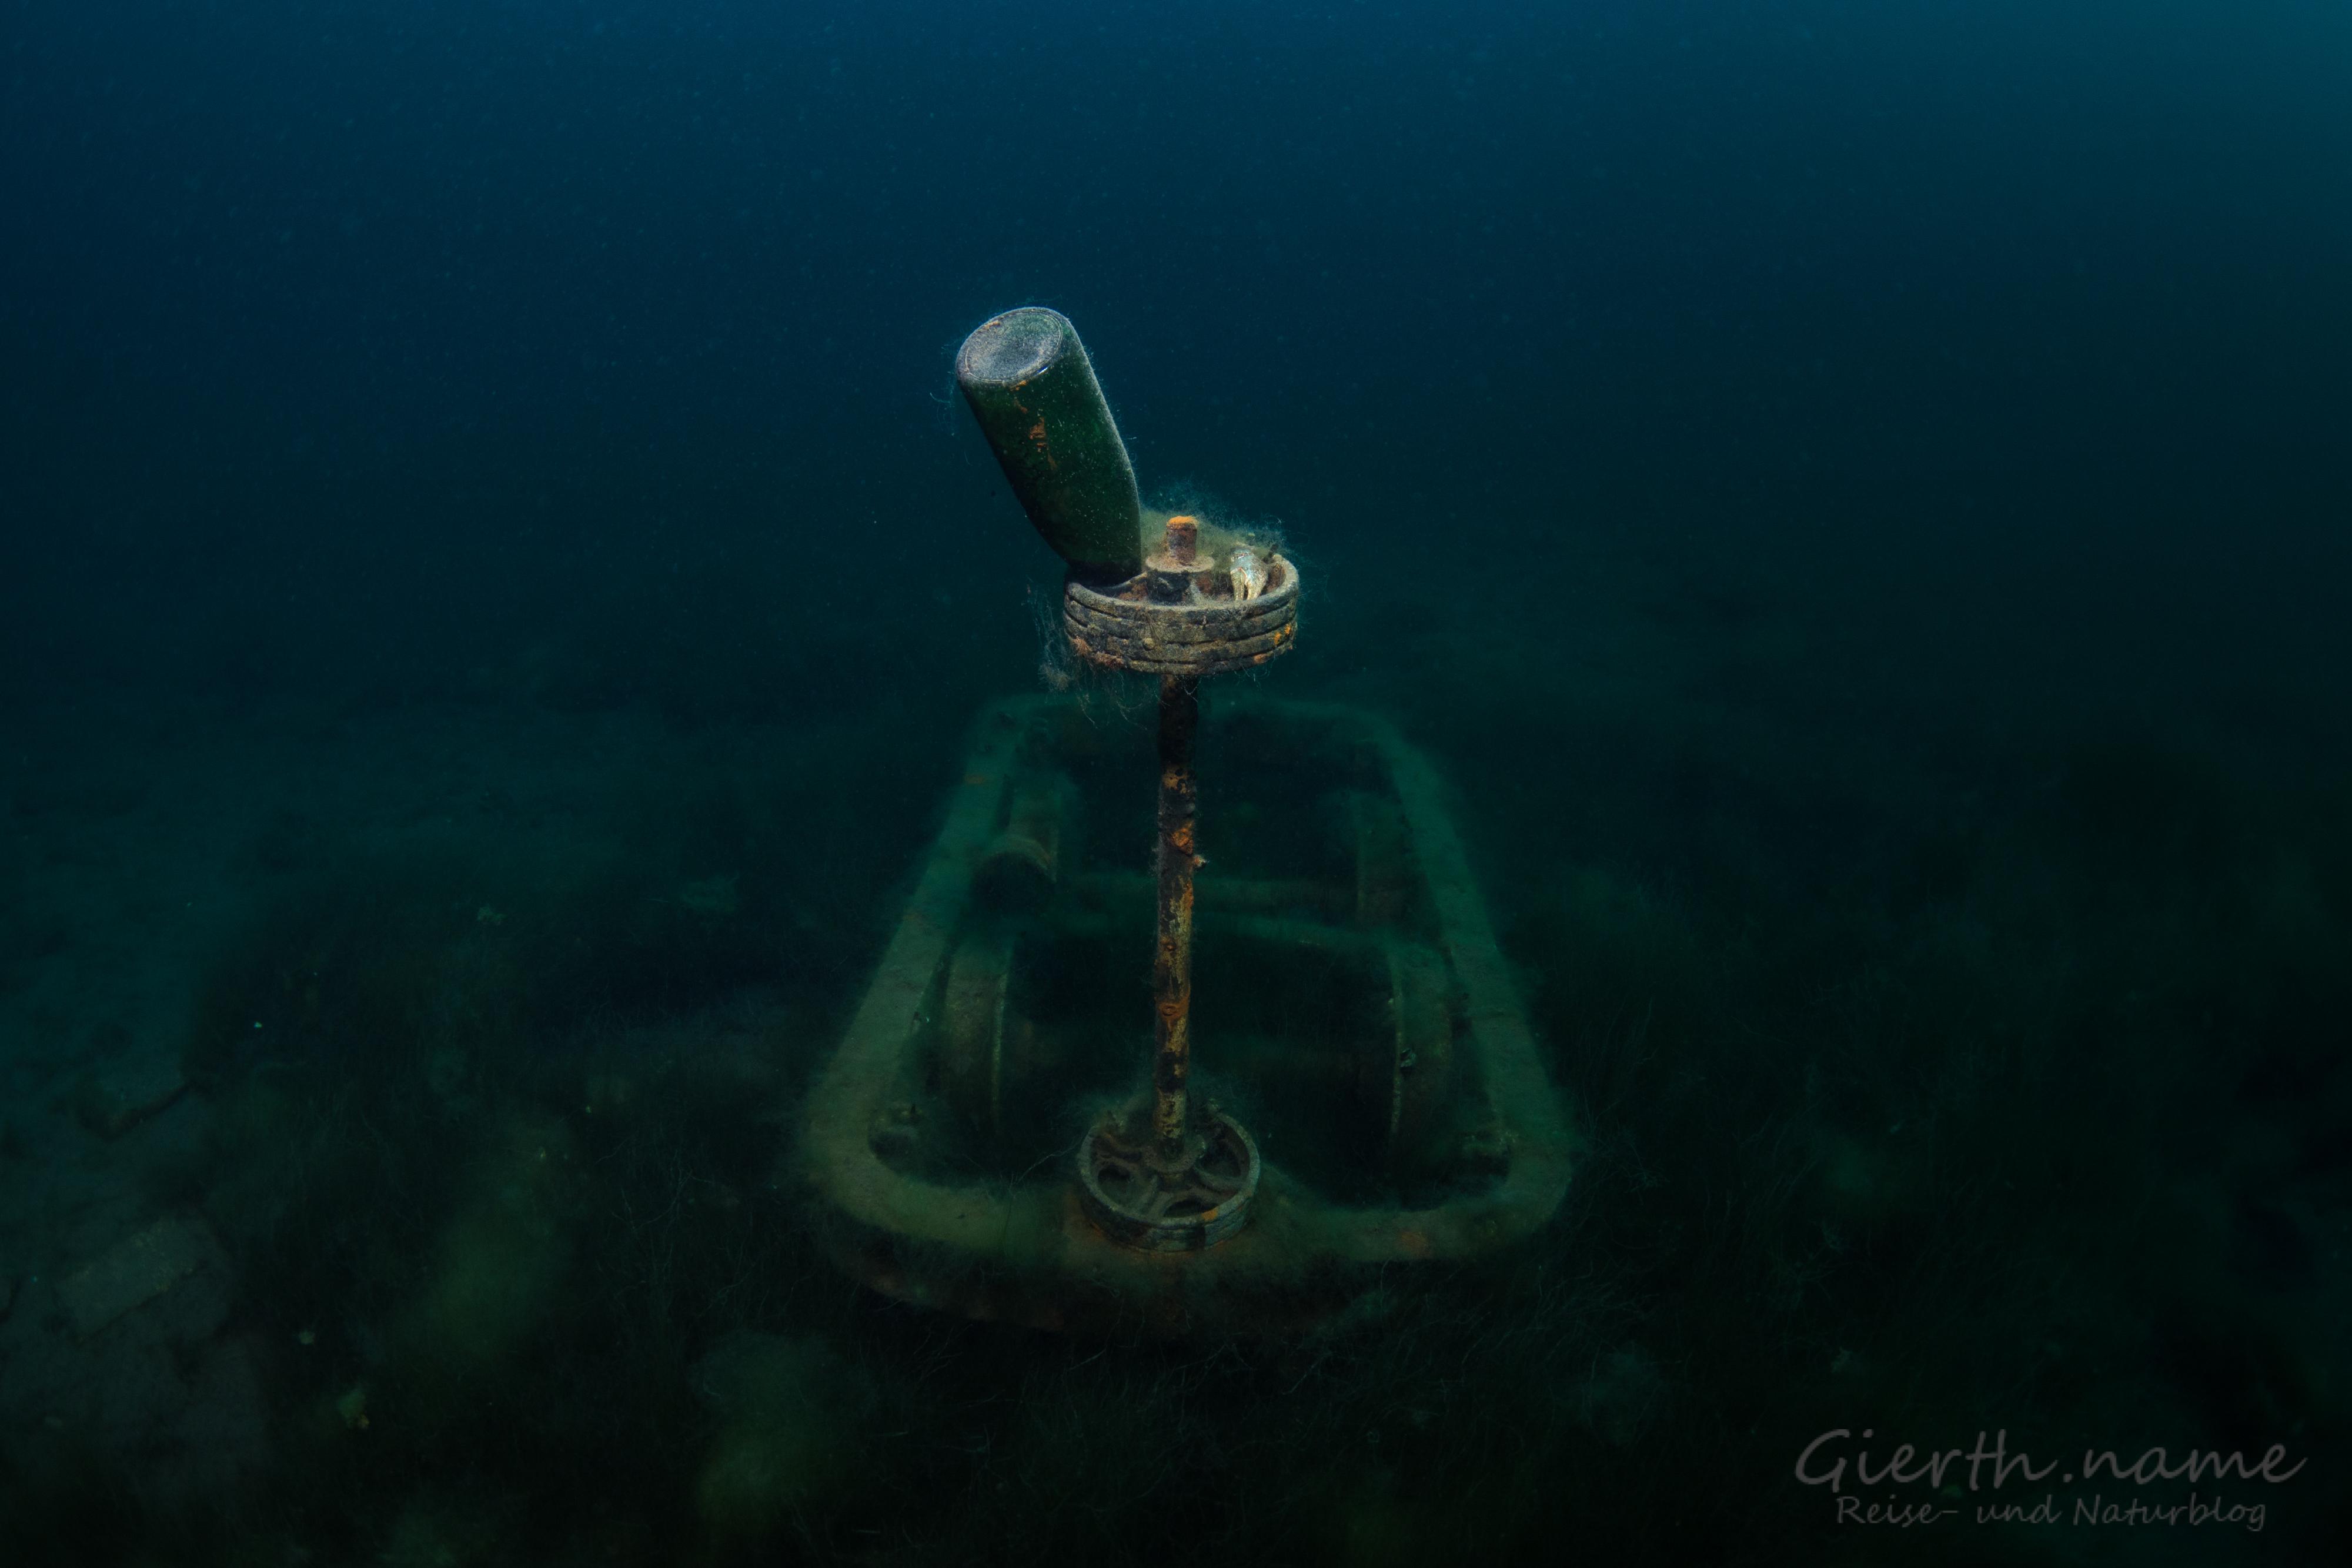 Bei 2,5 bar eine Unterwasserbar...